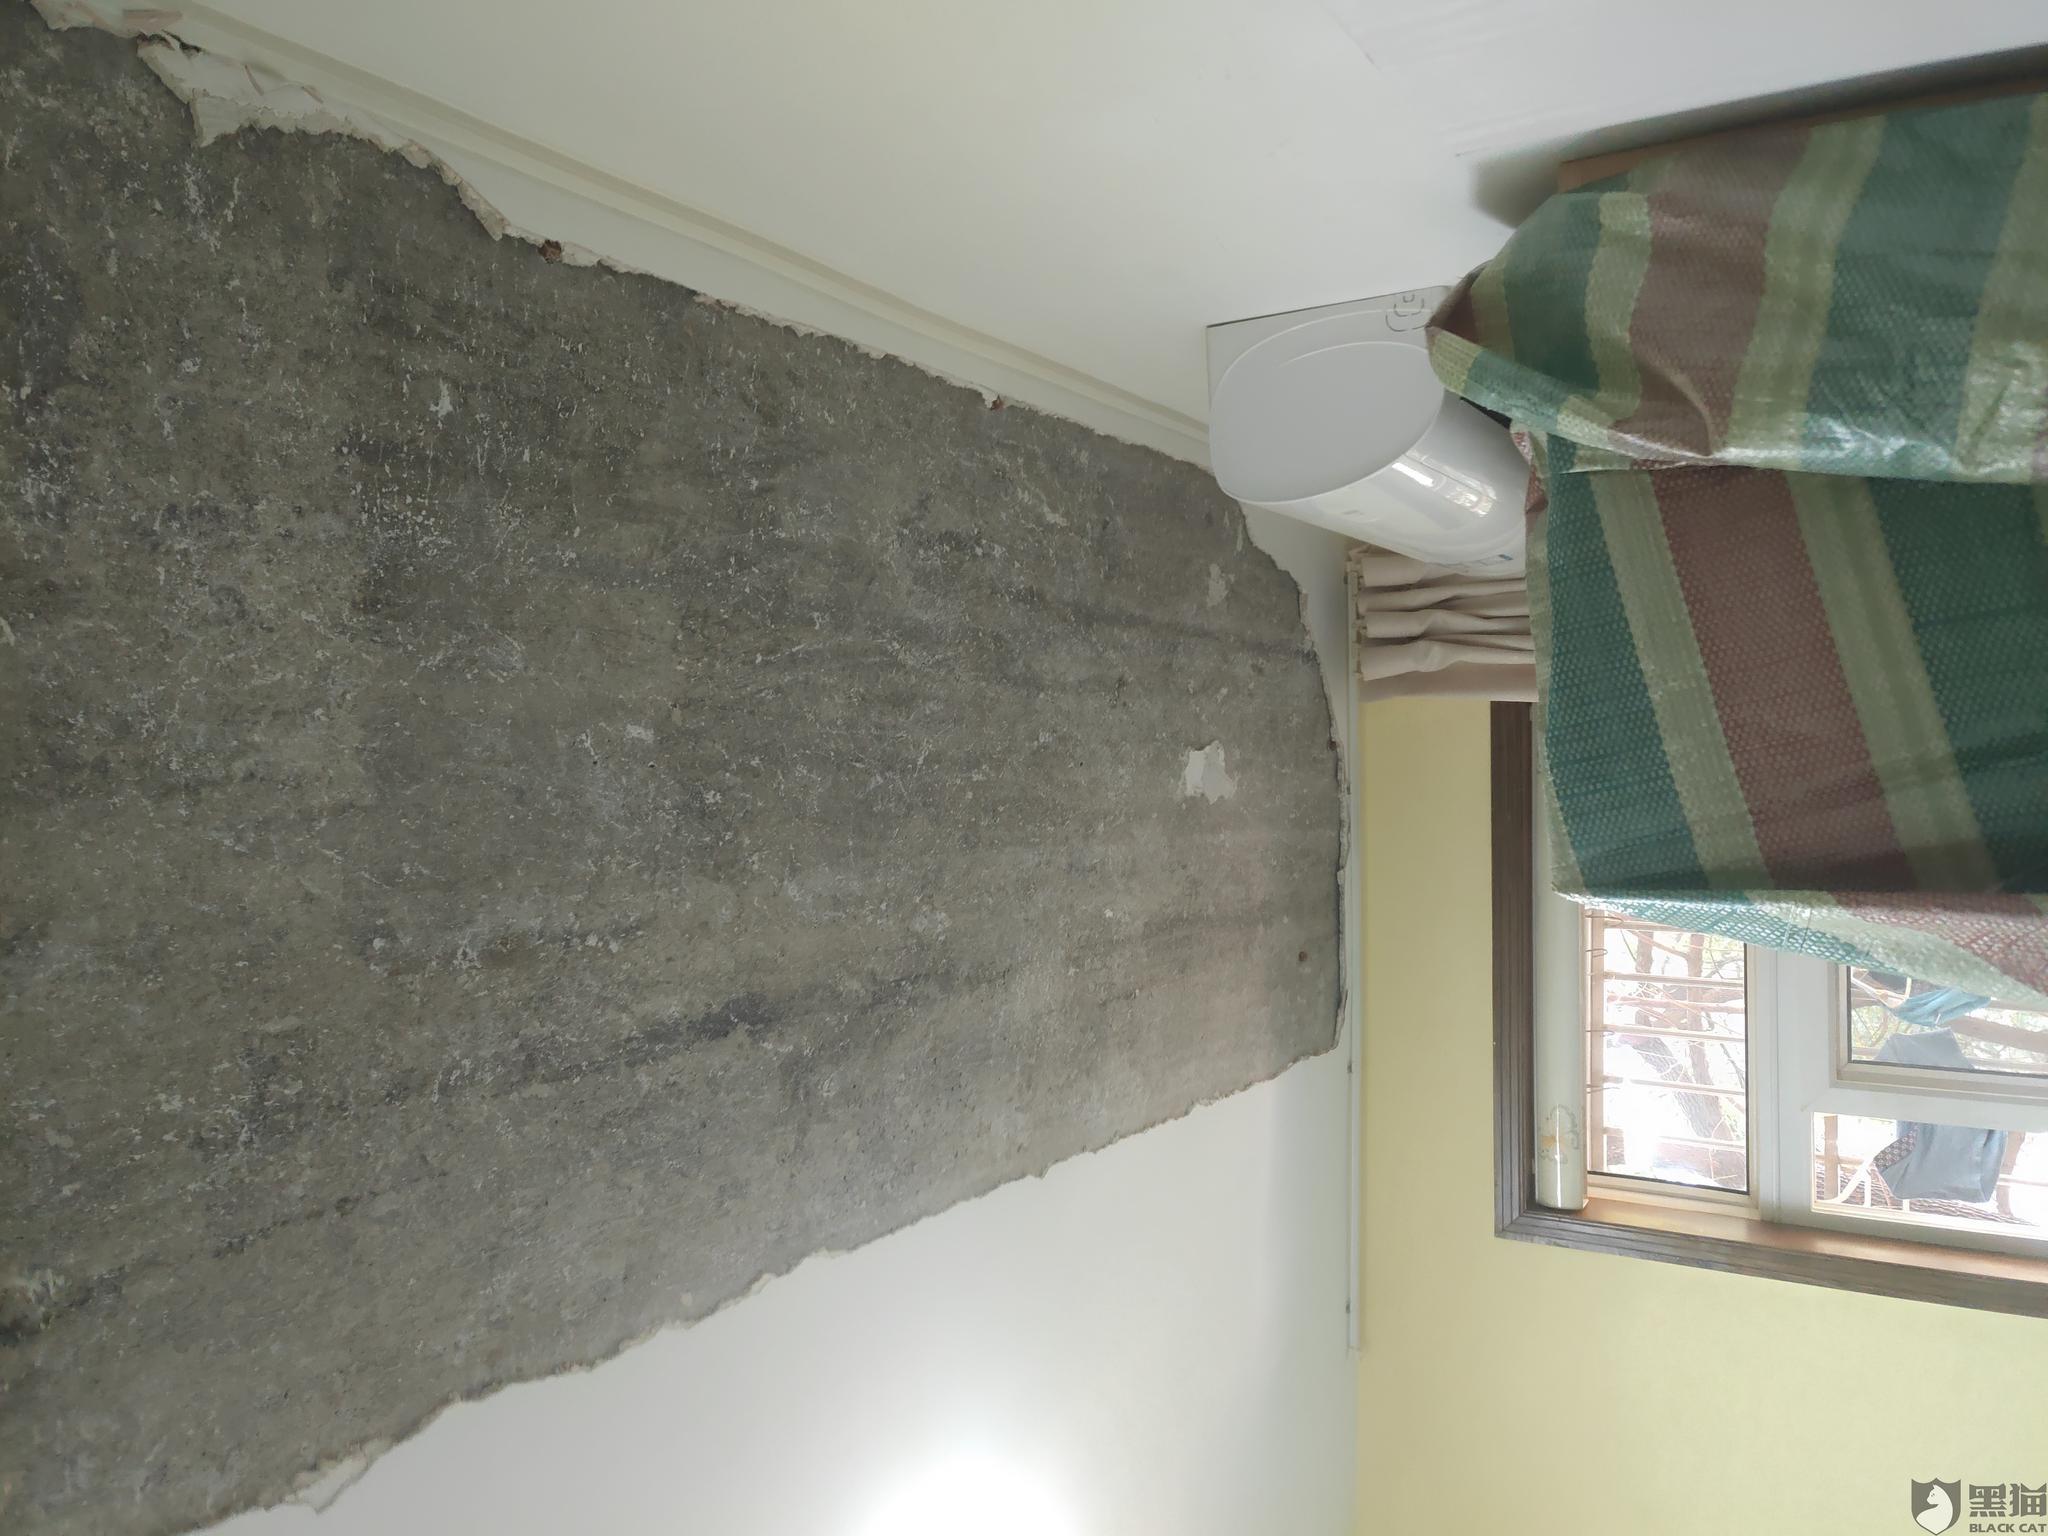 黑猫投诉:自如(南京)租客天花板掉落,无视租客,拒不解决问题